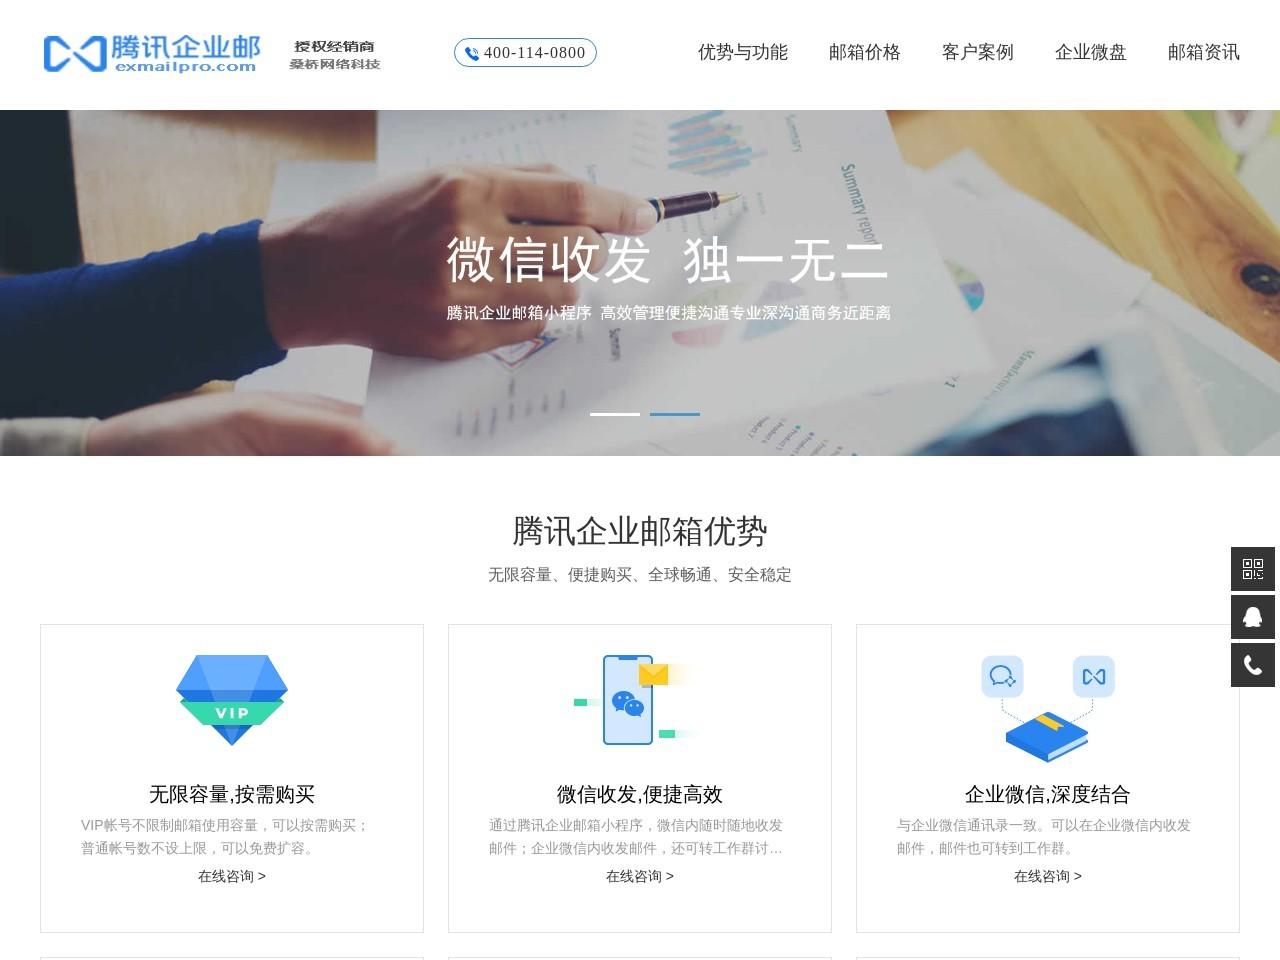 宁波企业邮箱截图